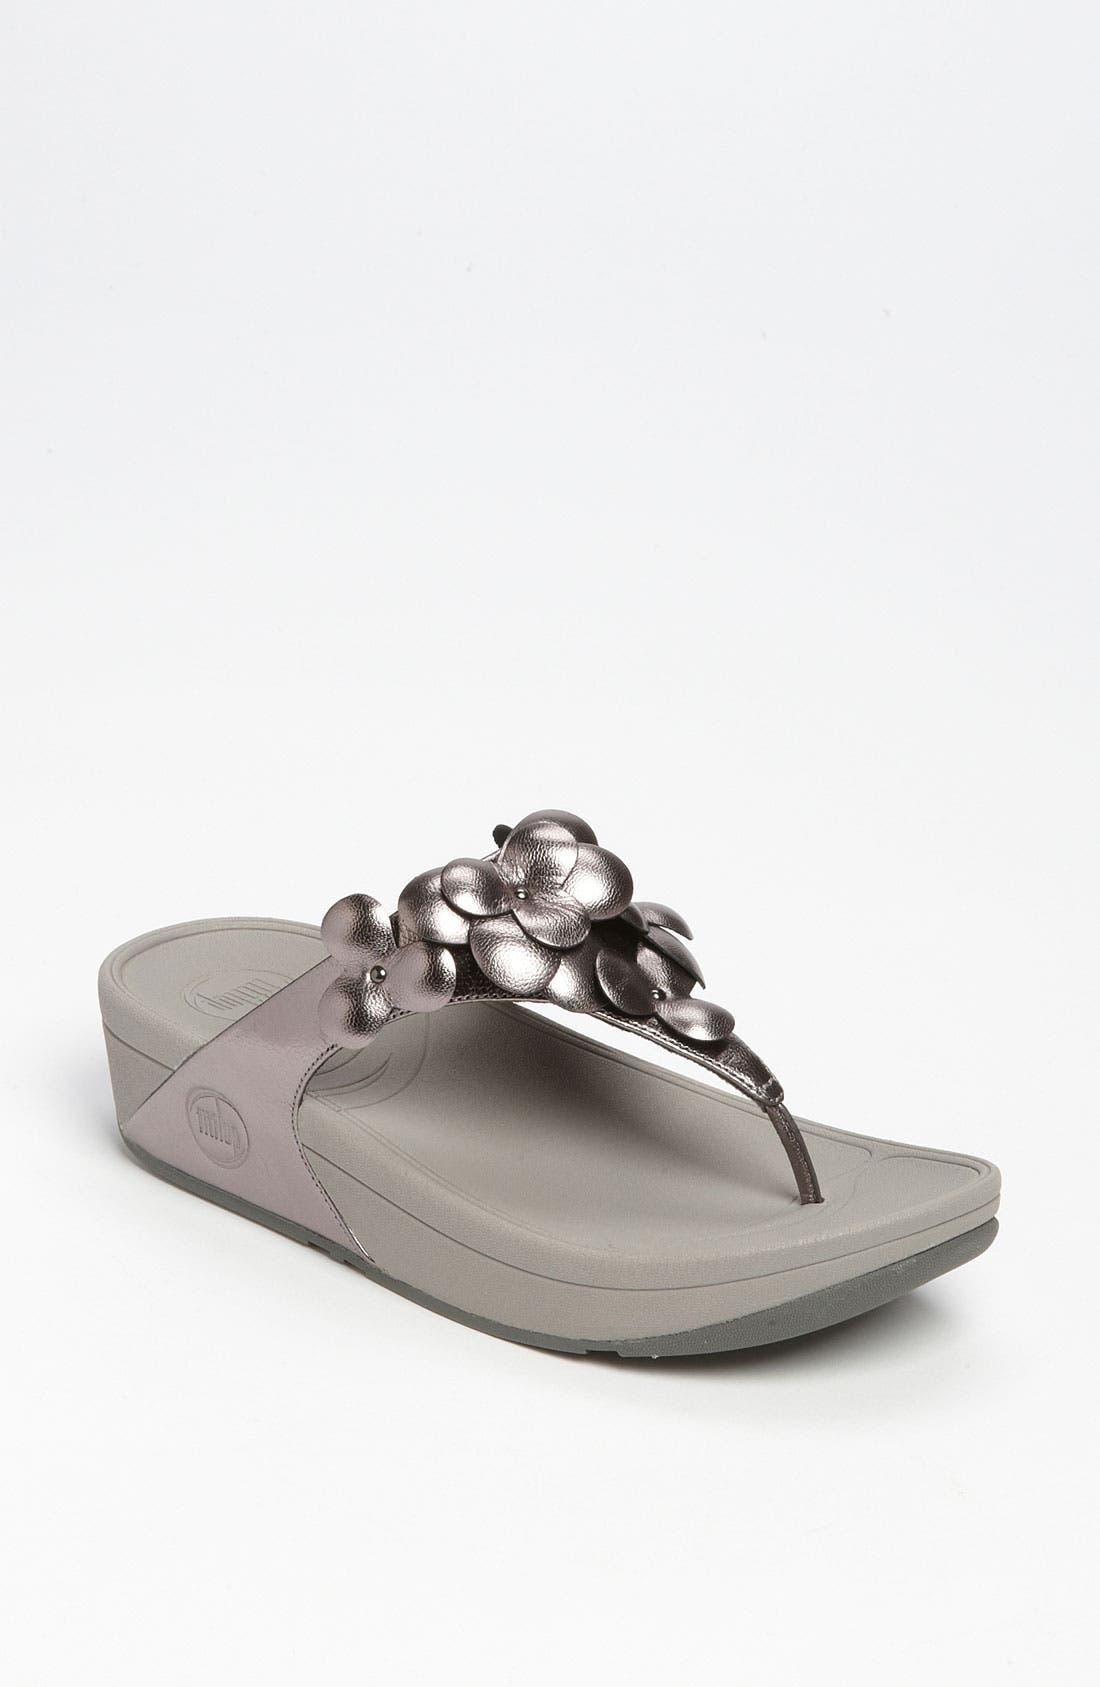 Main Image - FitFlop 'Fleur' Sandal